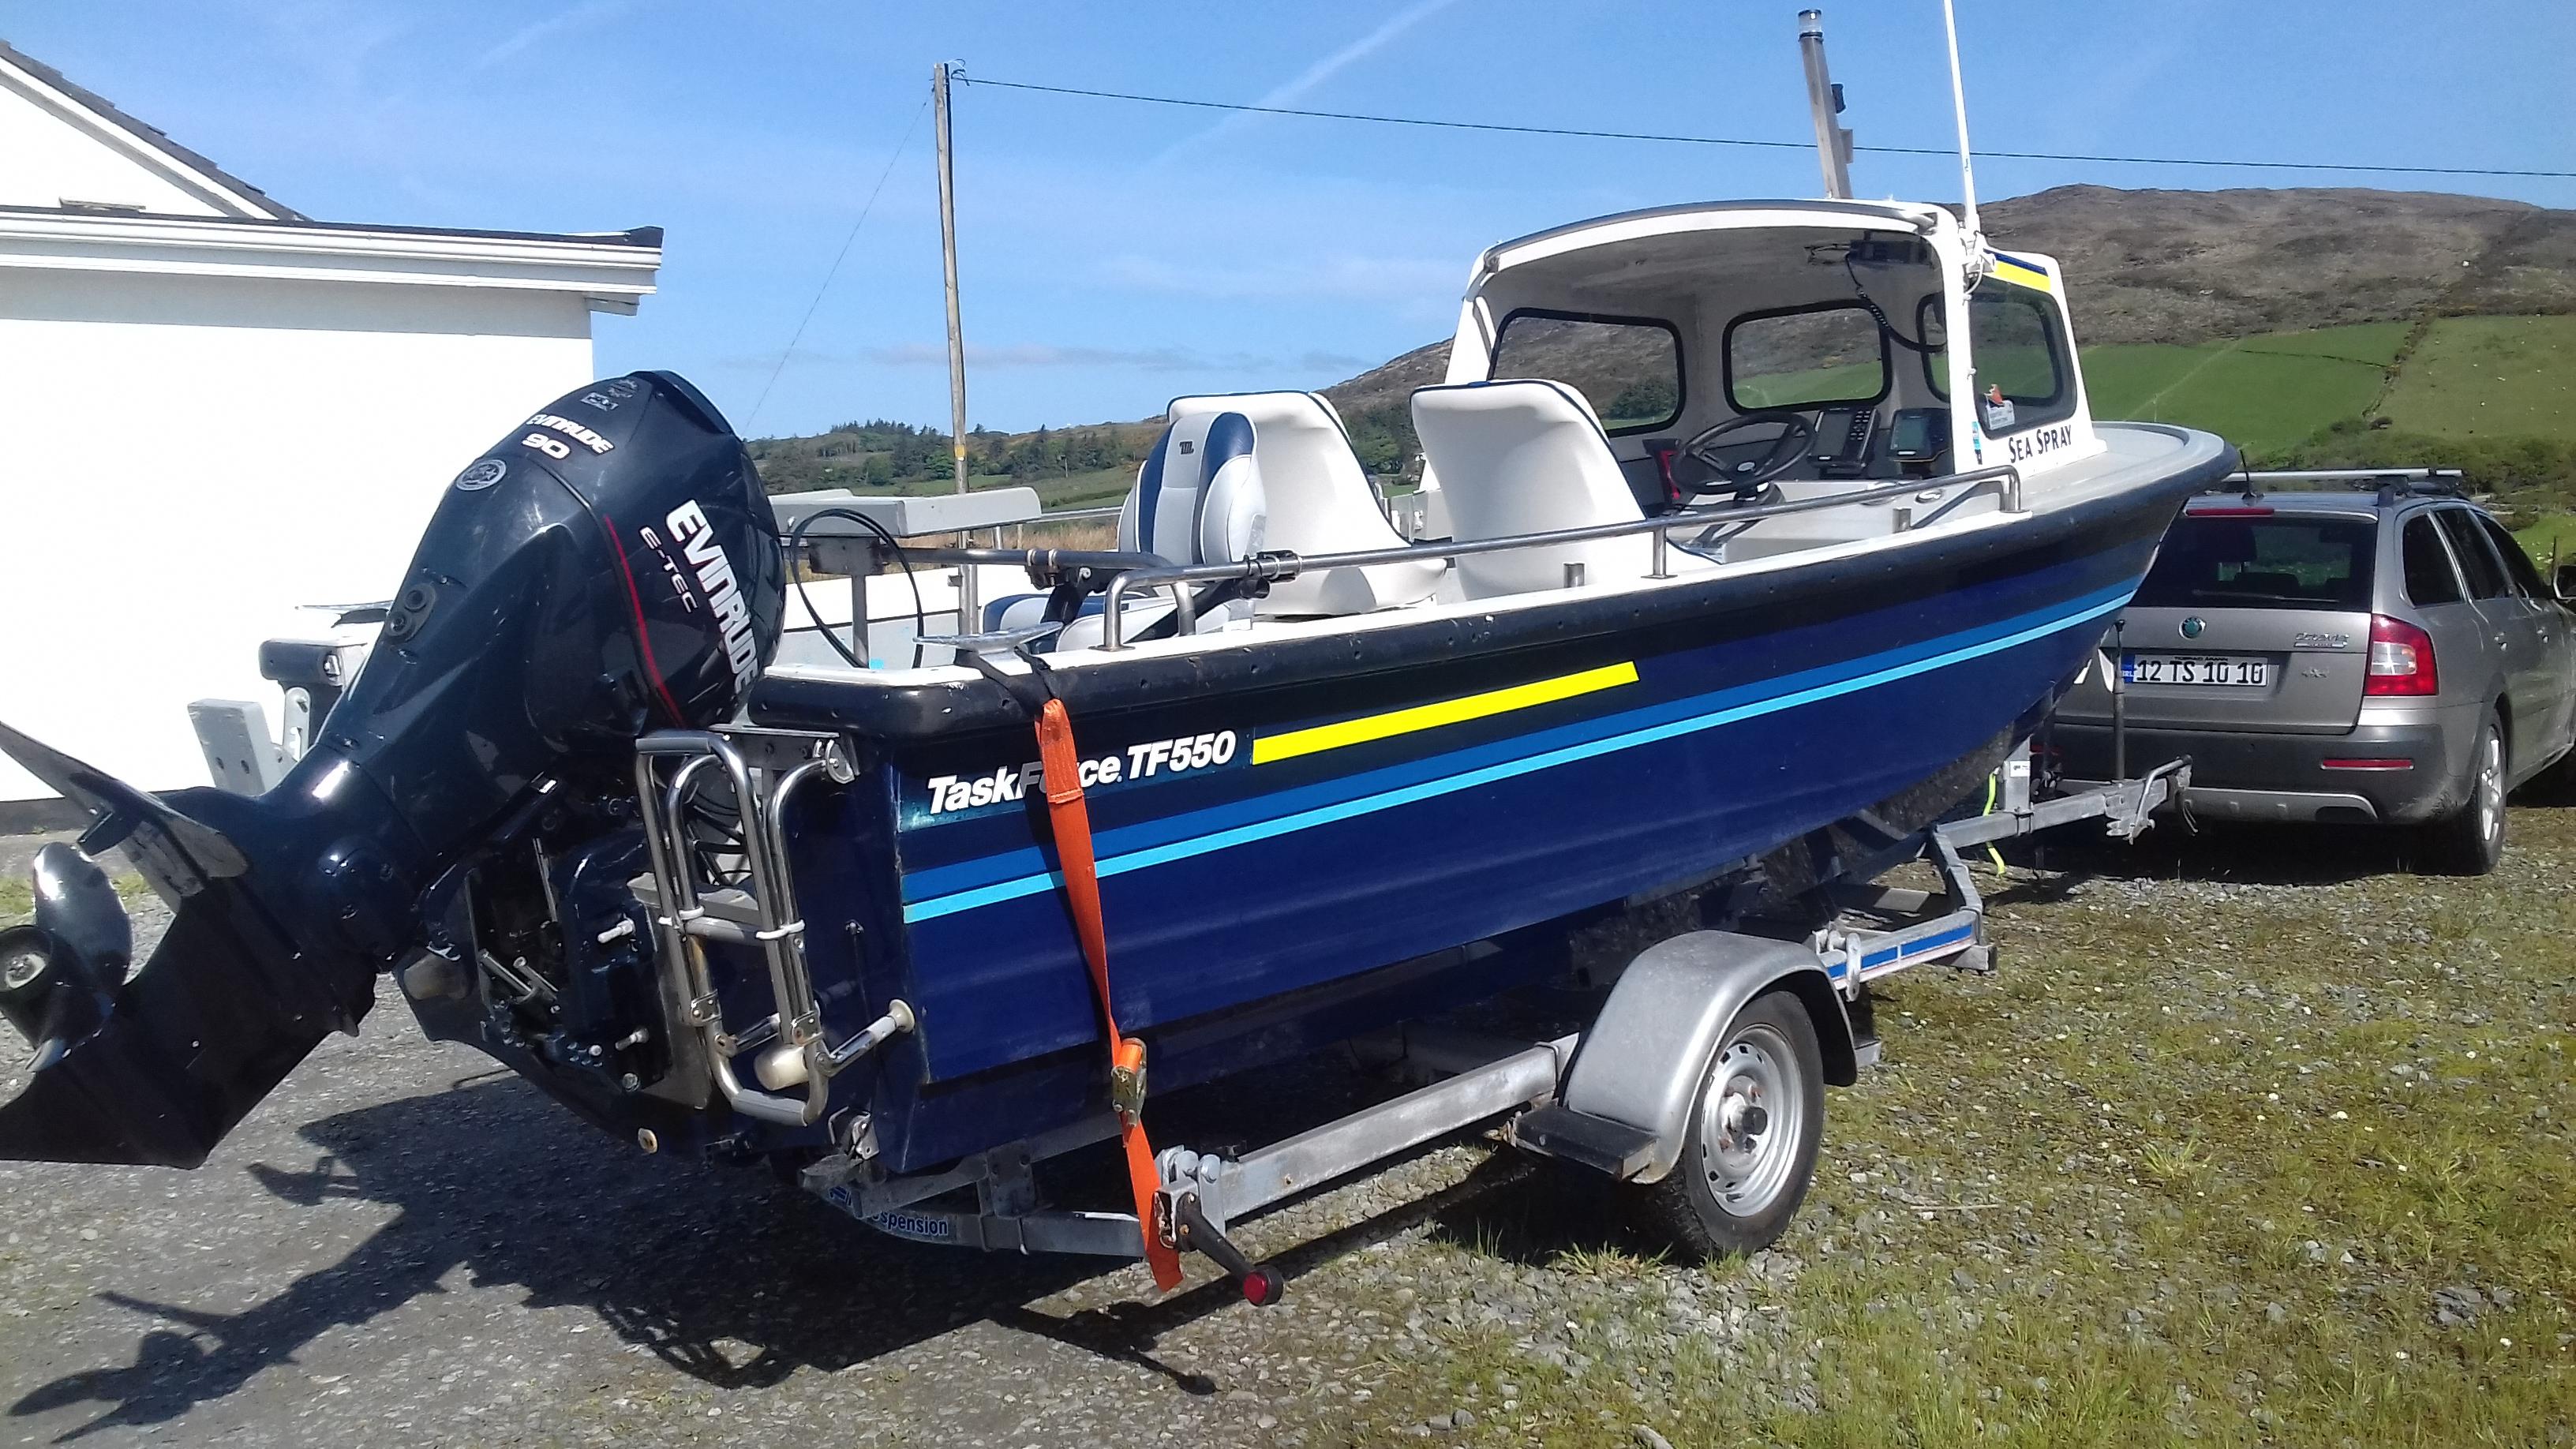 Nouveau! Connemara Green : Votre Guide de Pêche en mer à Clifden